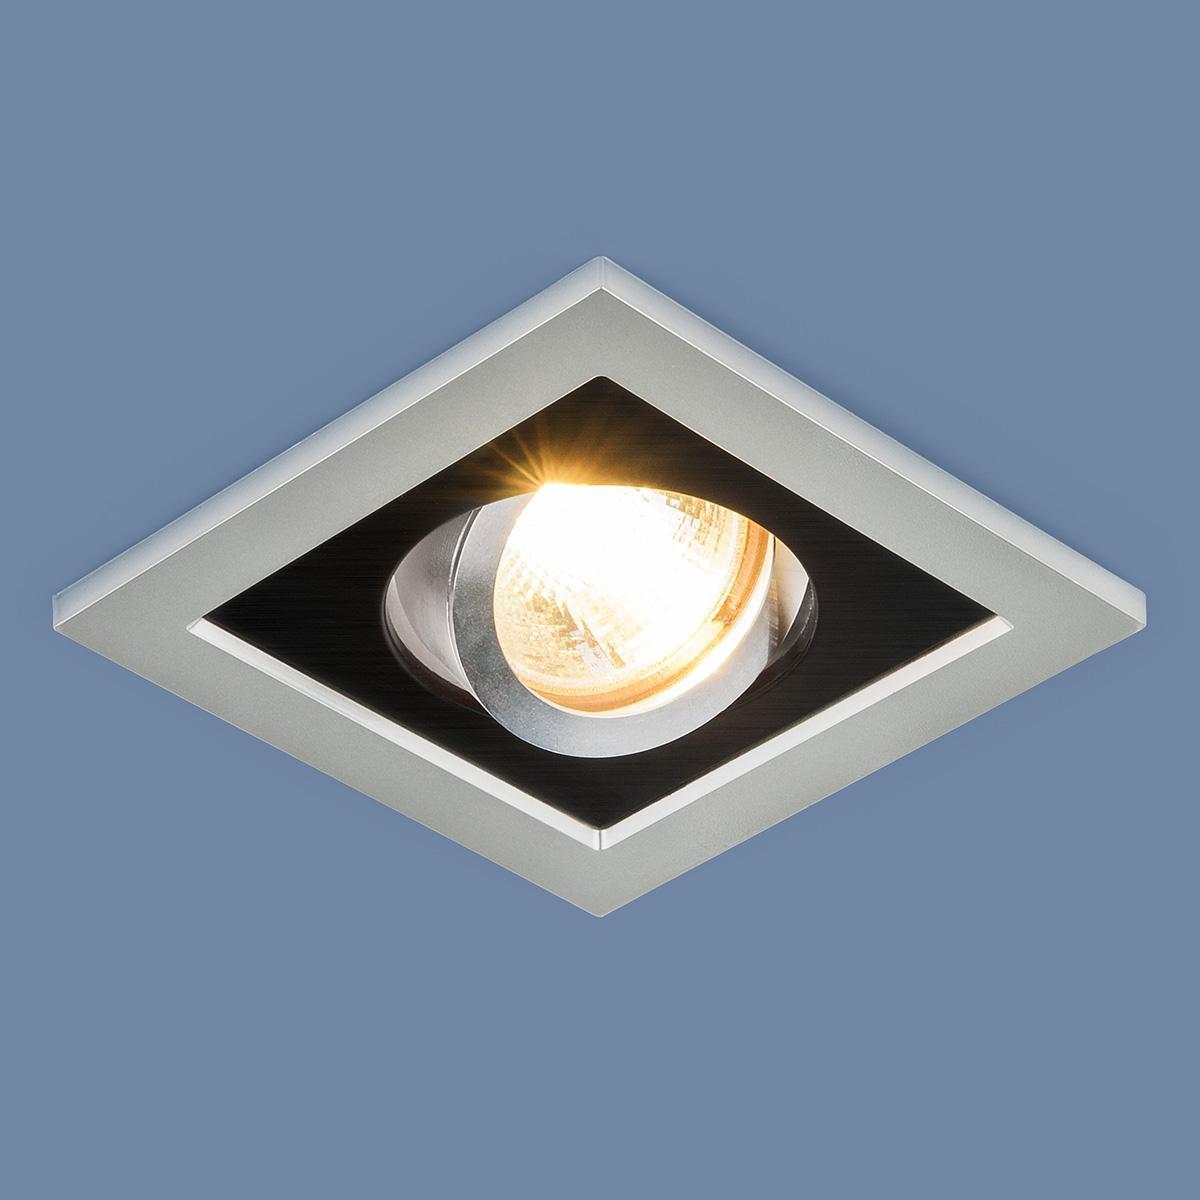 Фото - Встраиваемый светильник Elektrostandard 1031/1 MR16 SL/BK серебро/черный 4690389095405 cветильник галогенный de fran встраиваемый 1х50вт mr16 ip20 зел античное золото